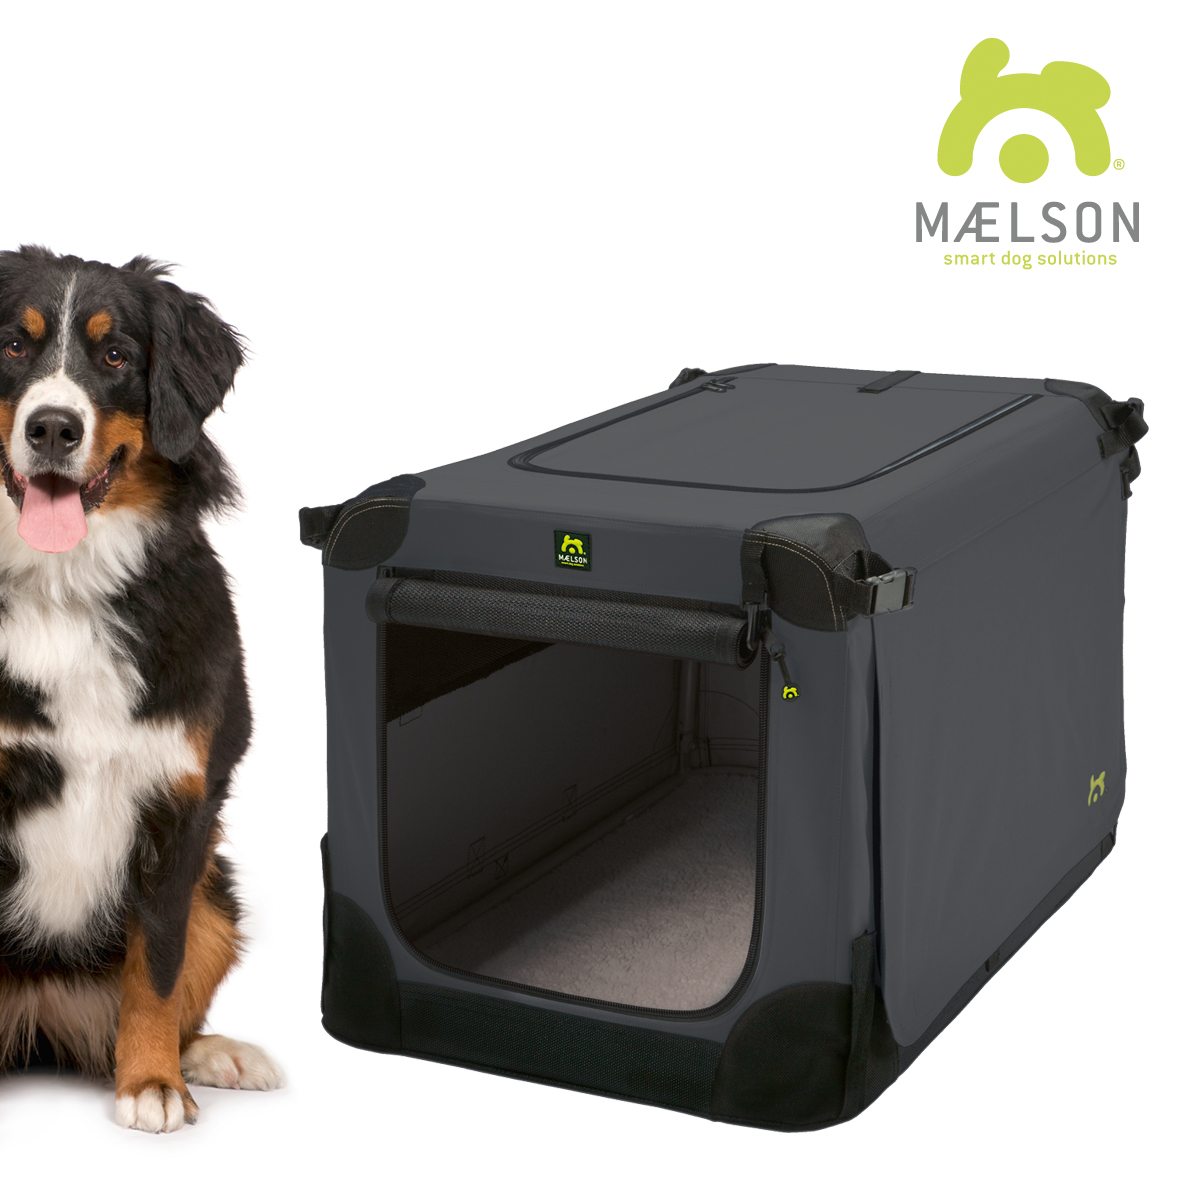 Přepravka pro psy Maelson - černo-antracitová - XXXL, 120x77x86 cm